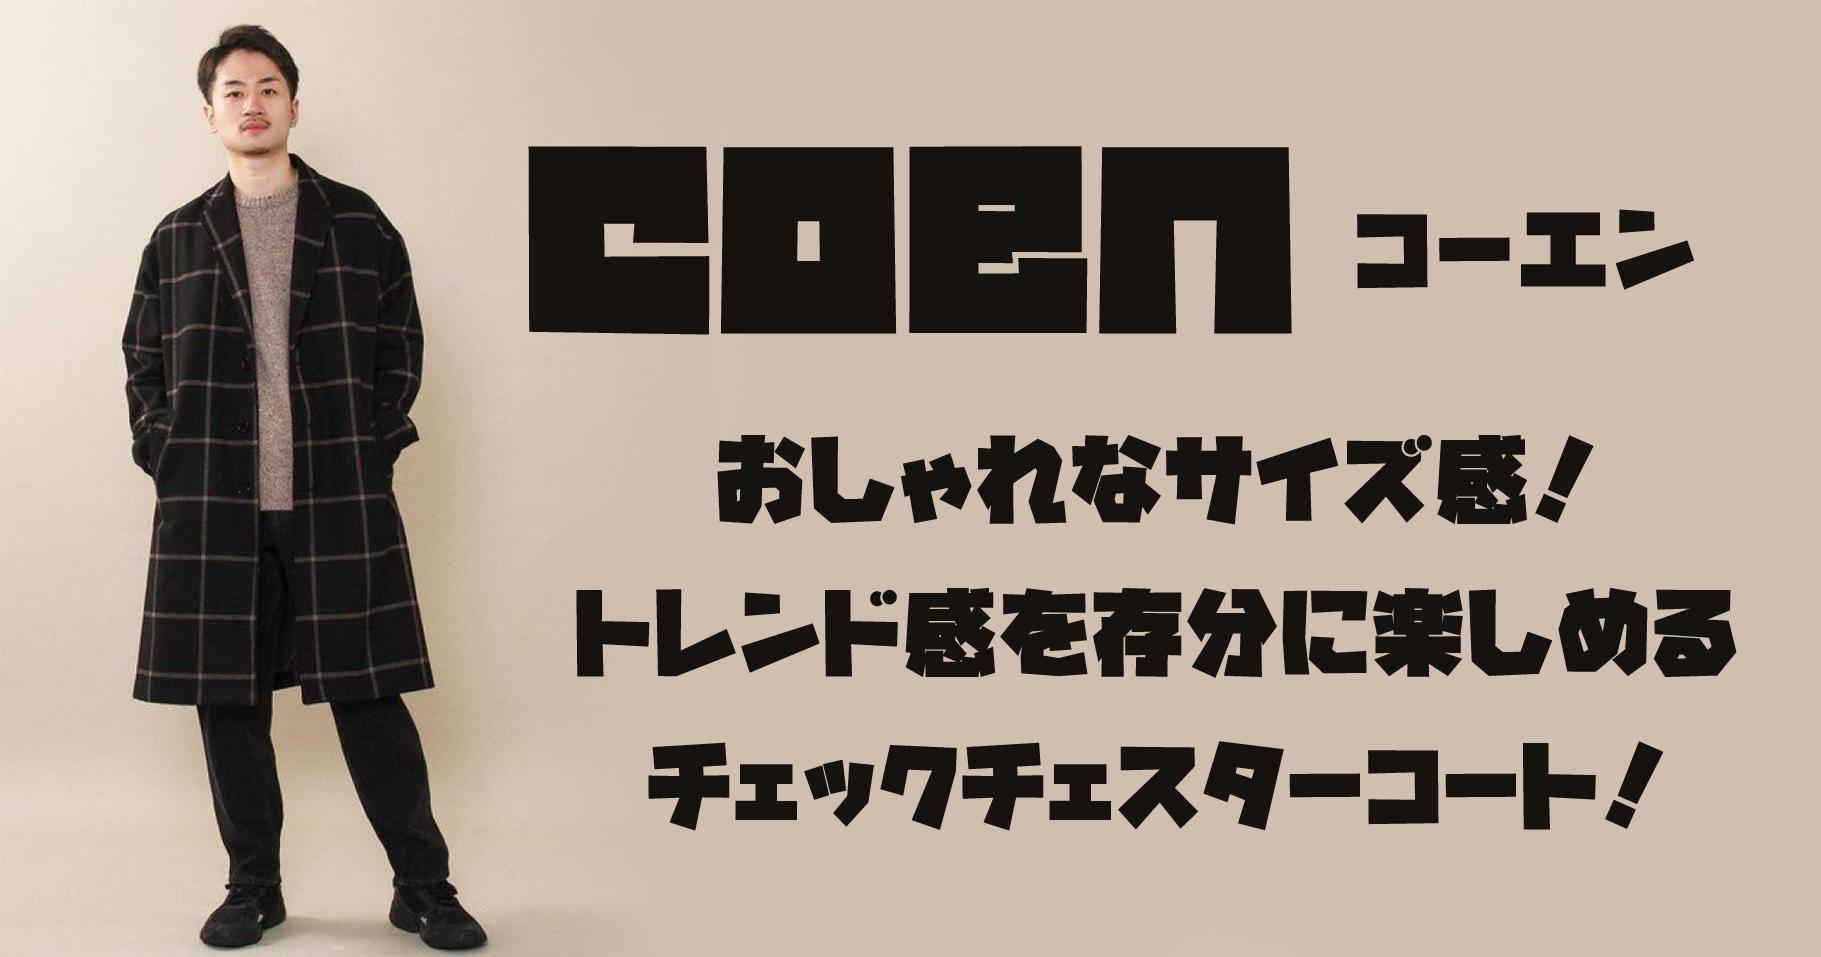 【coen (コーエン)】おしゃれなサイズ感!トレンド感を存分に楽しめるチェックチェスターコート!